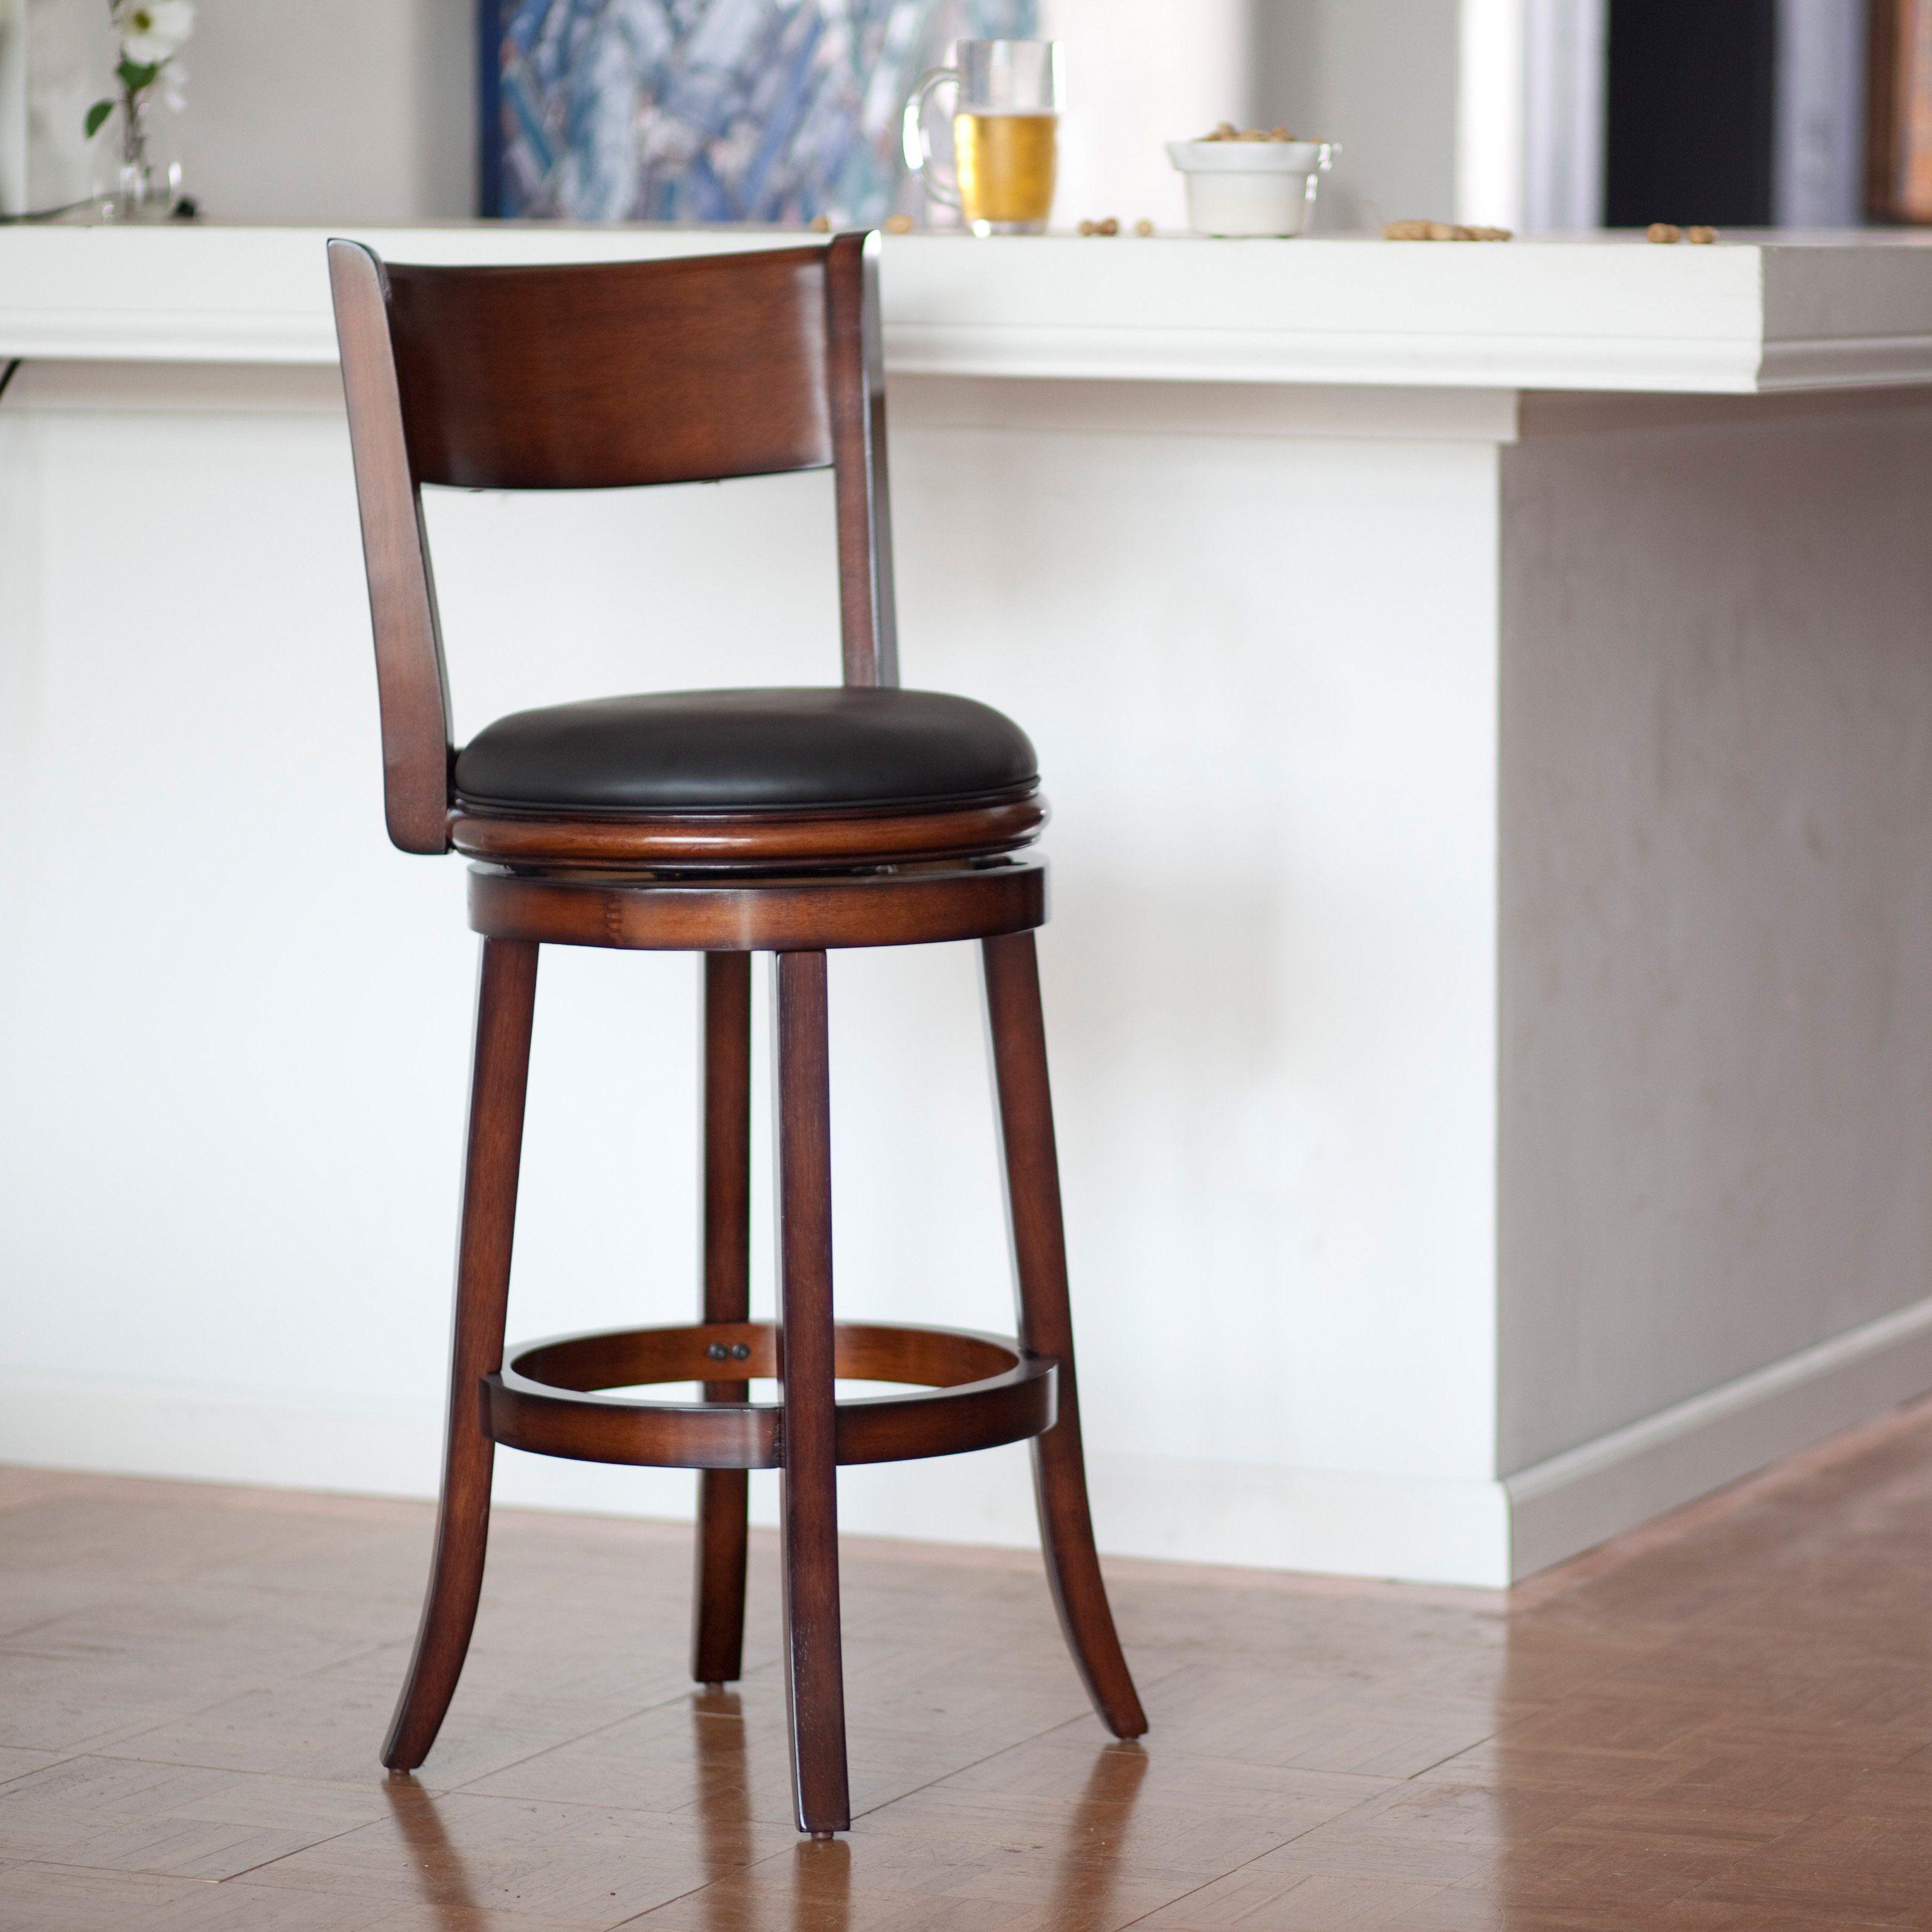 Küche Zähler Hocker Mit Rücken Überprüfen Sie mehr unter http ...